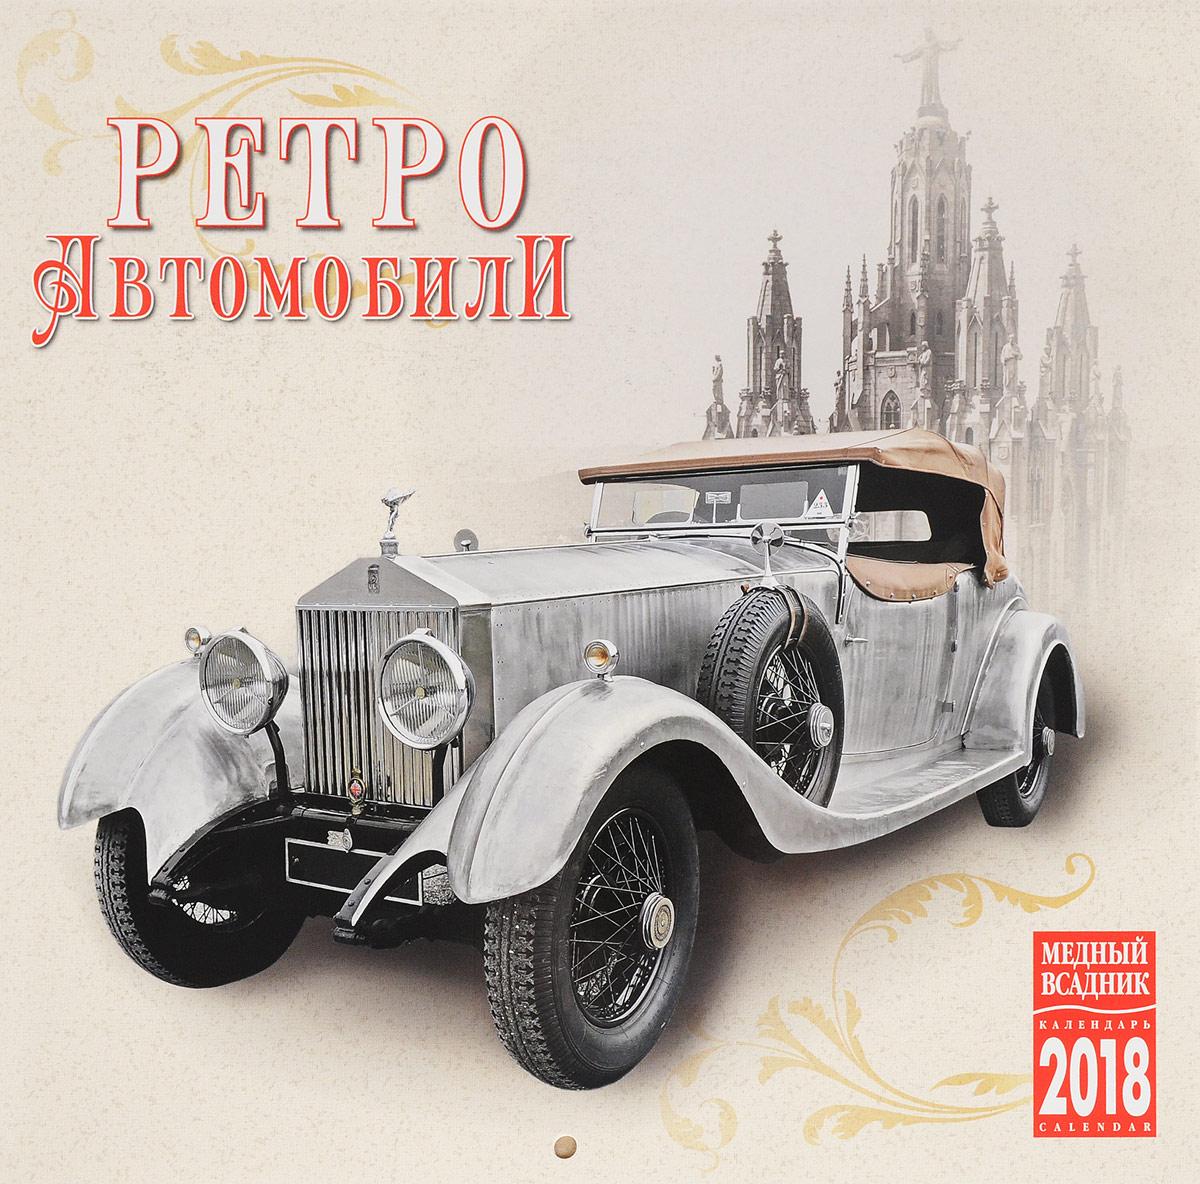 Календарь 2018 (на скрепке). Ретроавтомобили календарь 2018 на скрепке золотое кольцо